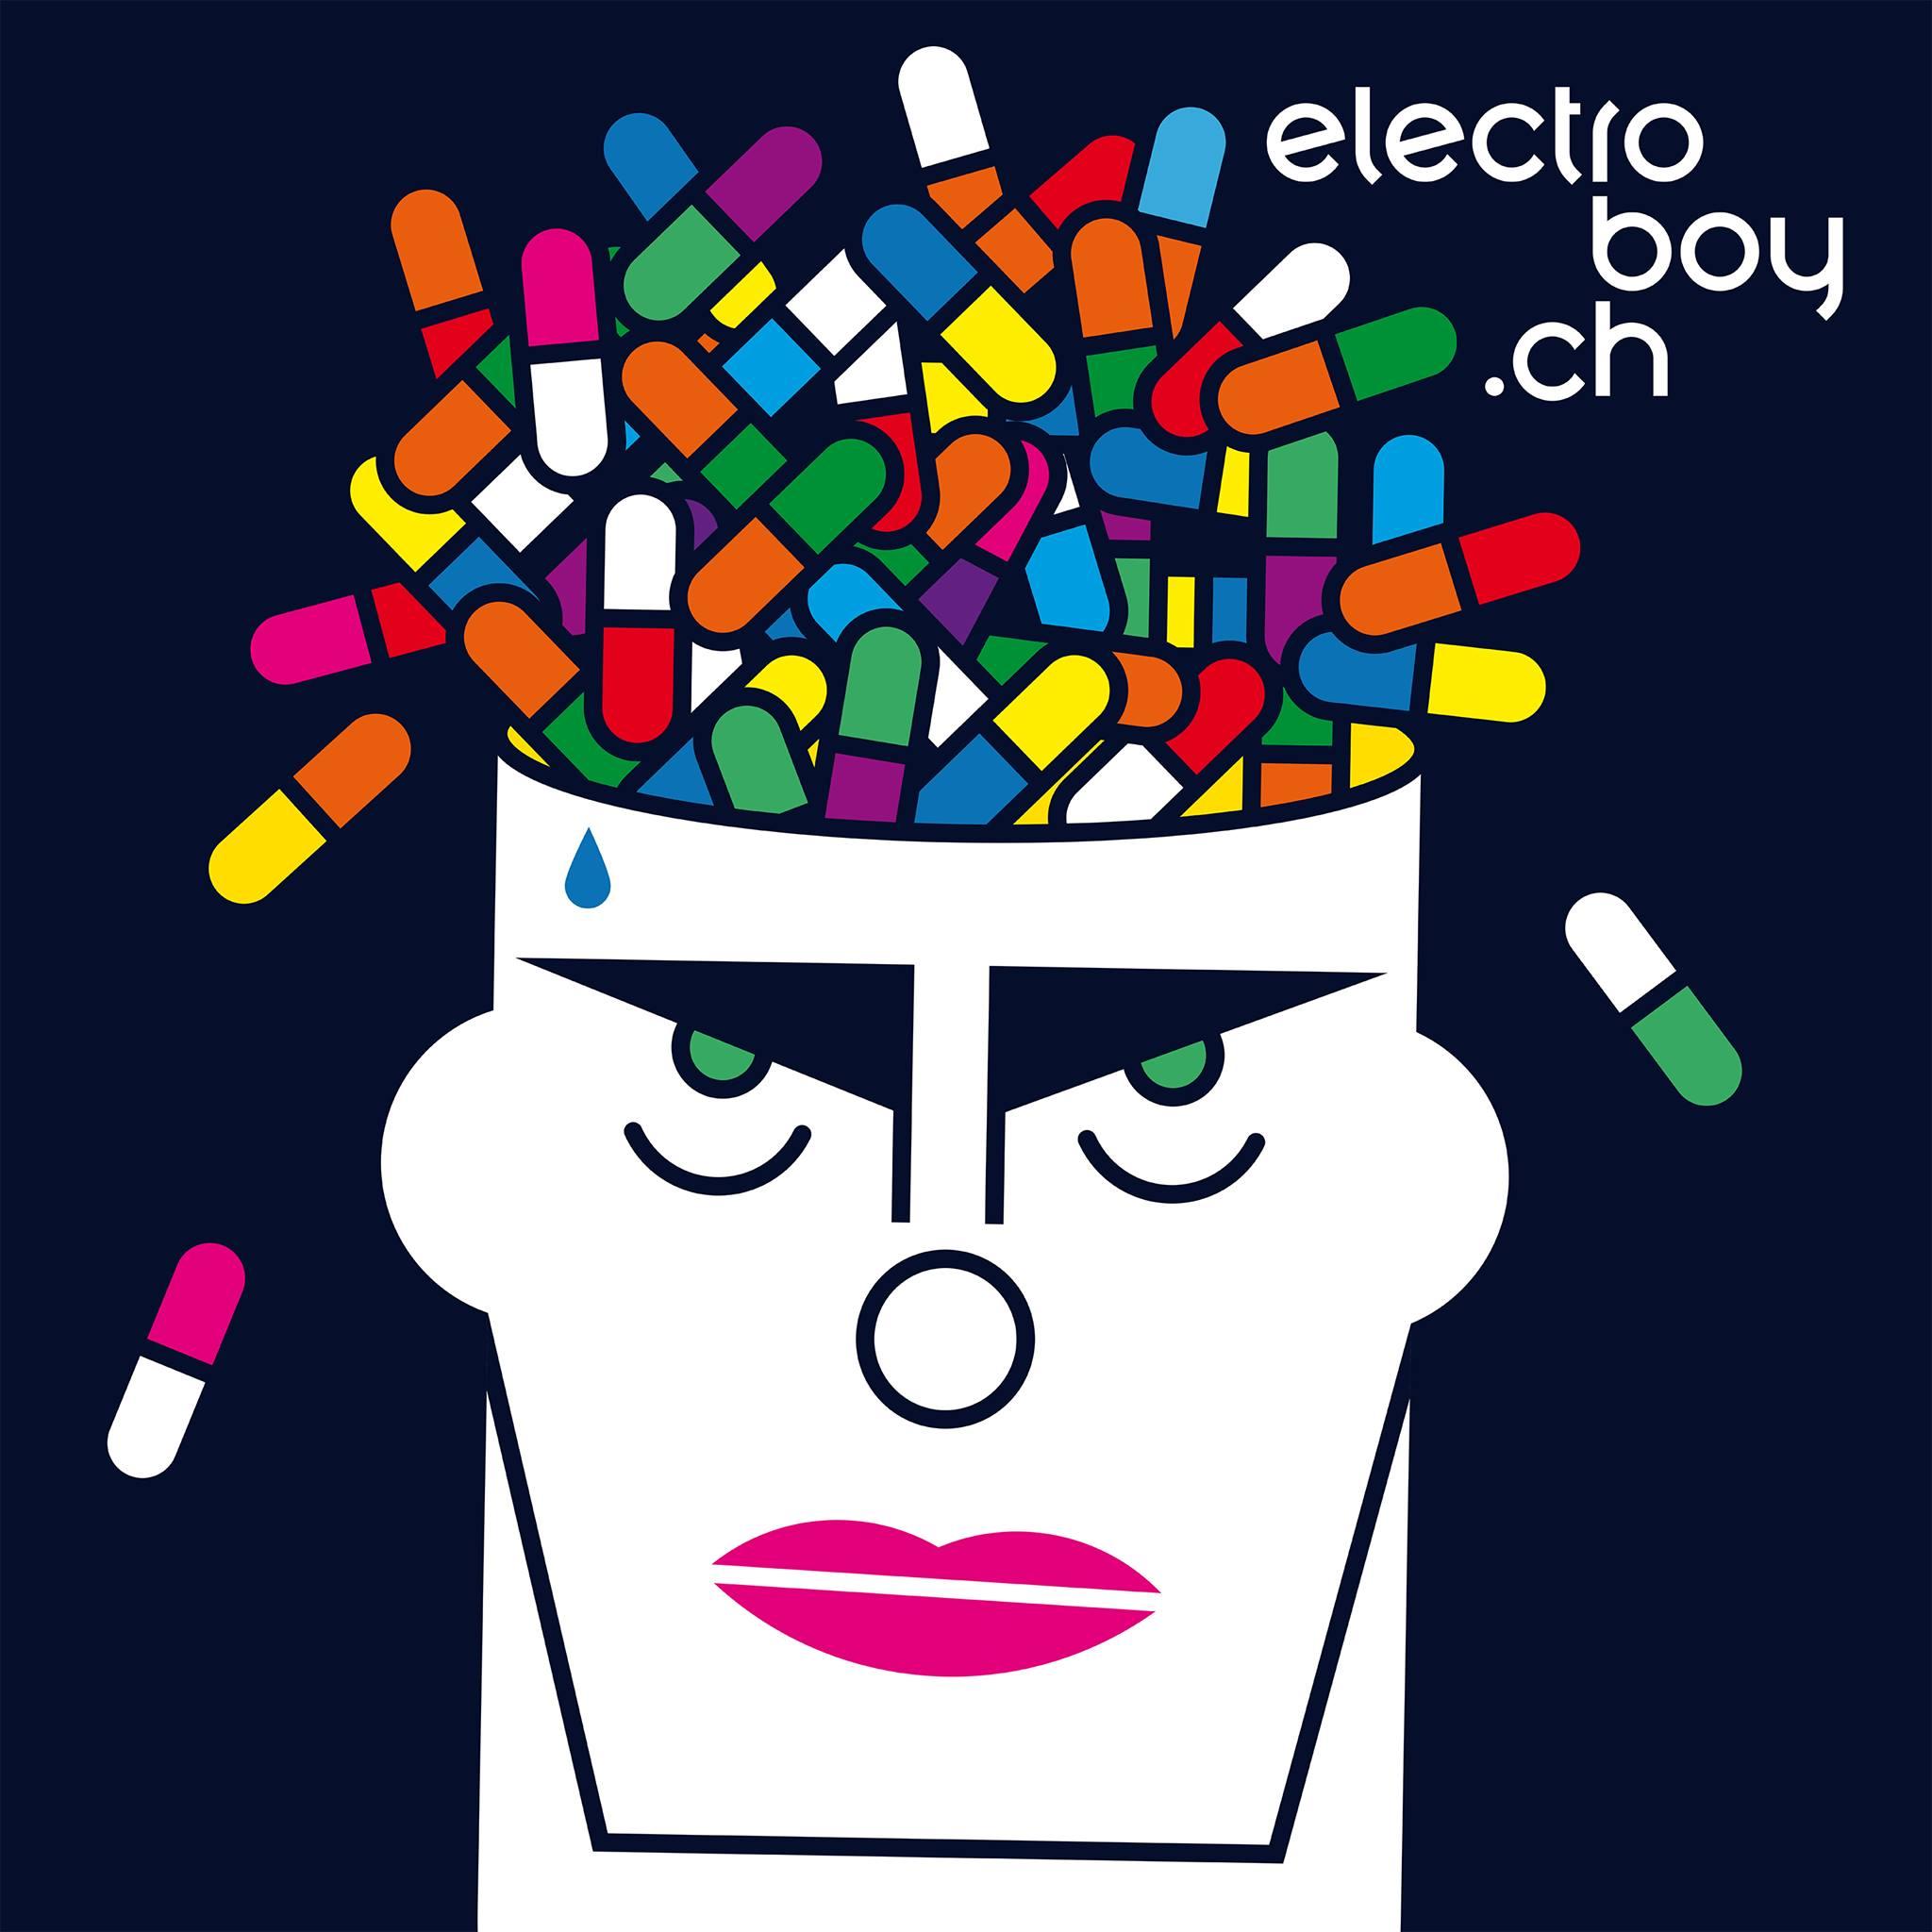 Electroboy - Nur eine Maschine